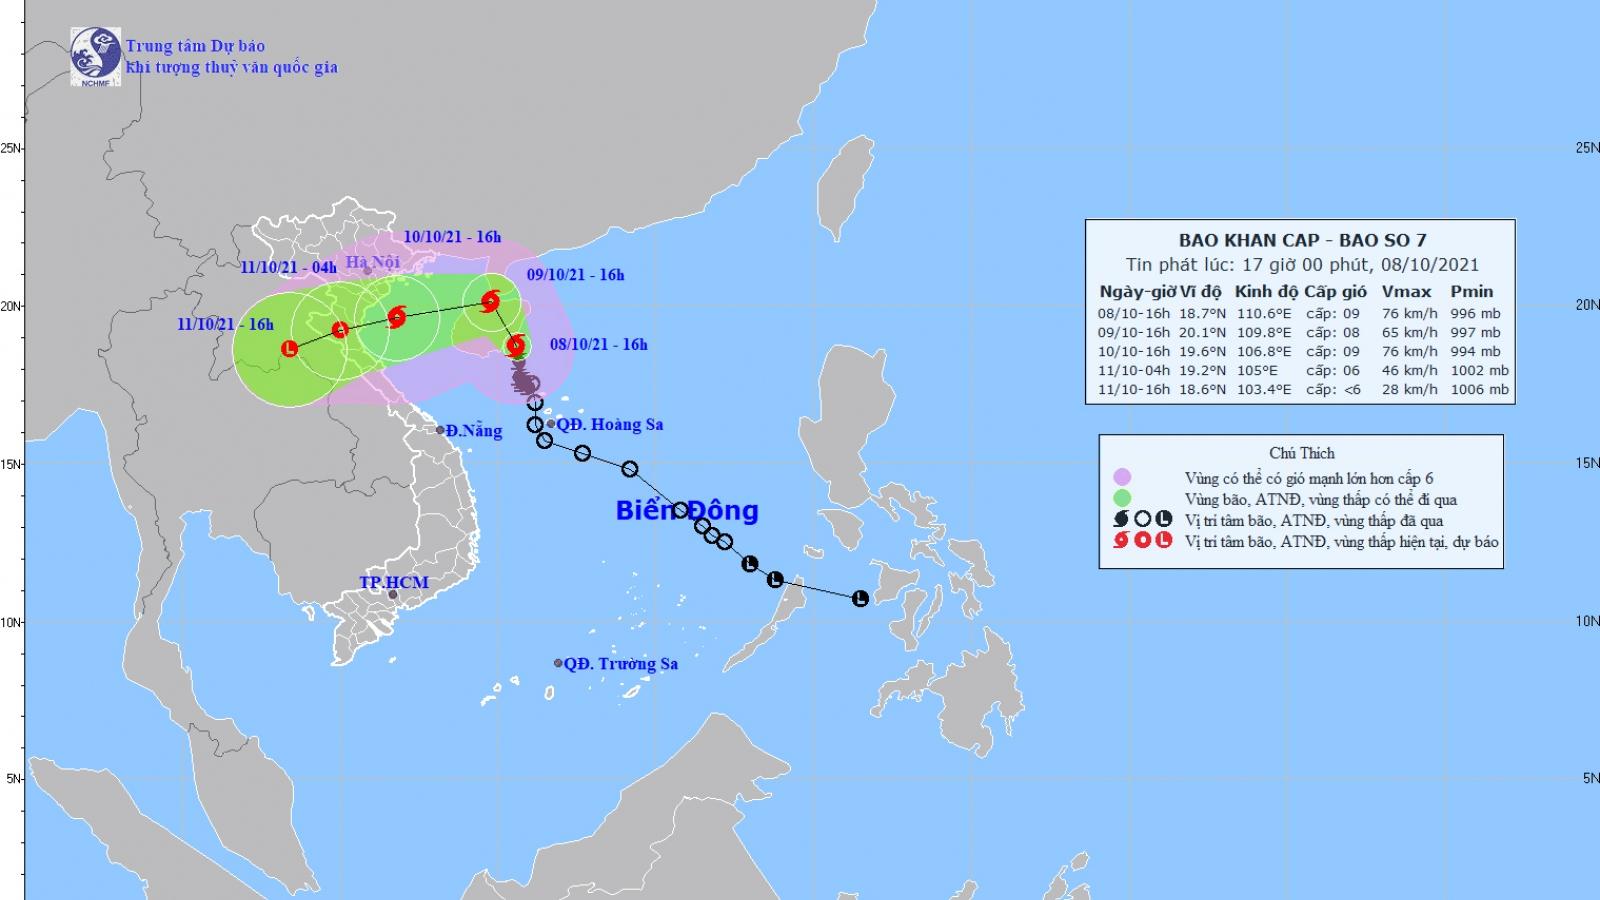 Bão số 7 giật cấp 11, trên vùng biển phía Đông Nam đảo Hải Nam (Trung Quốc)